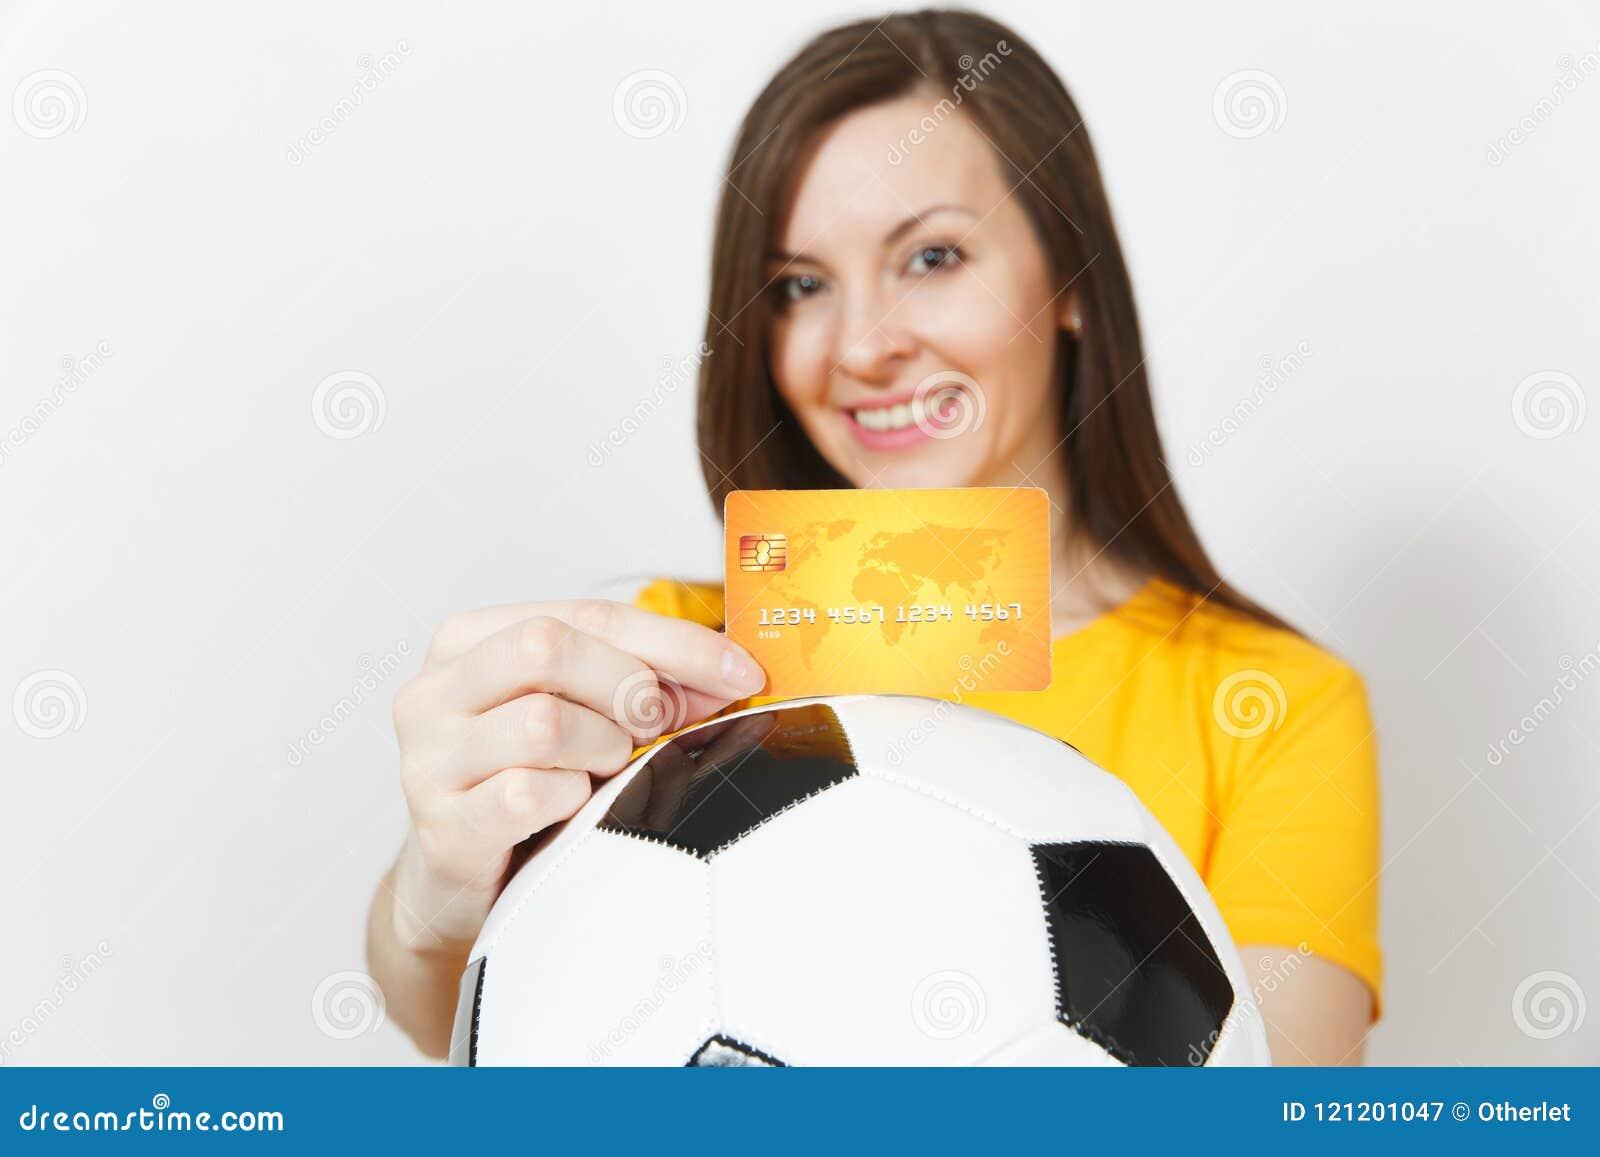 Mooie Europese jongeren, voetbalventilator of speler op witte achtergrond Sport, spel, gezondheid, gezond levensstijlconcept